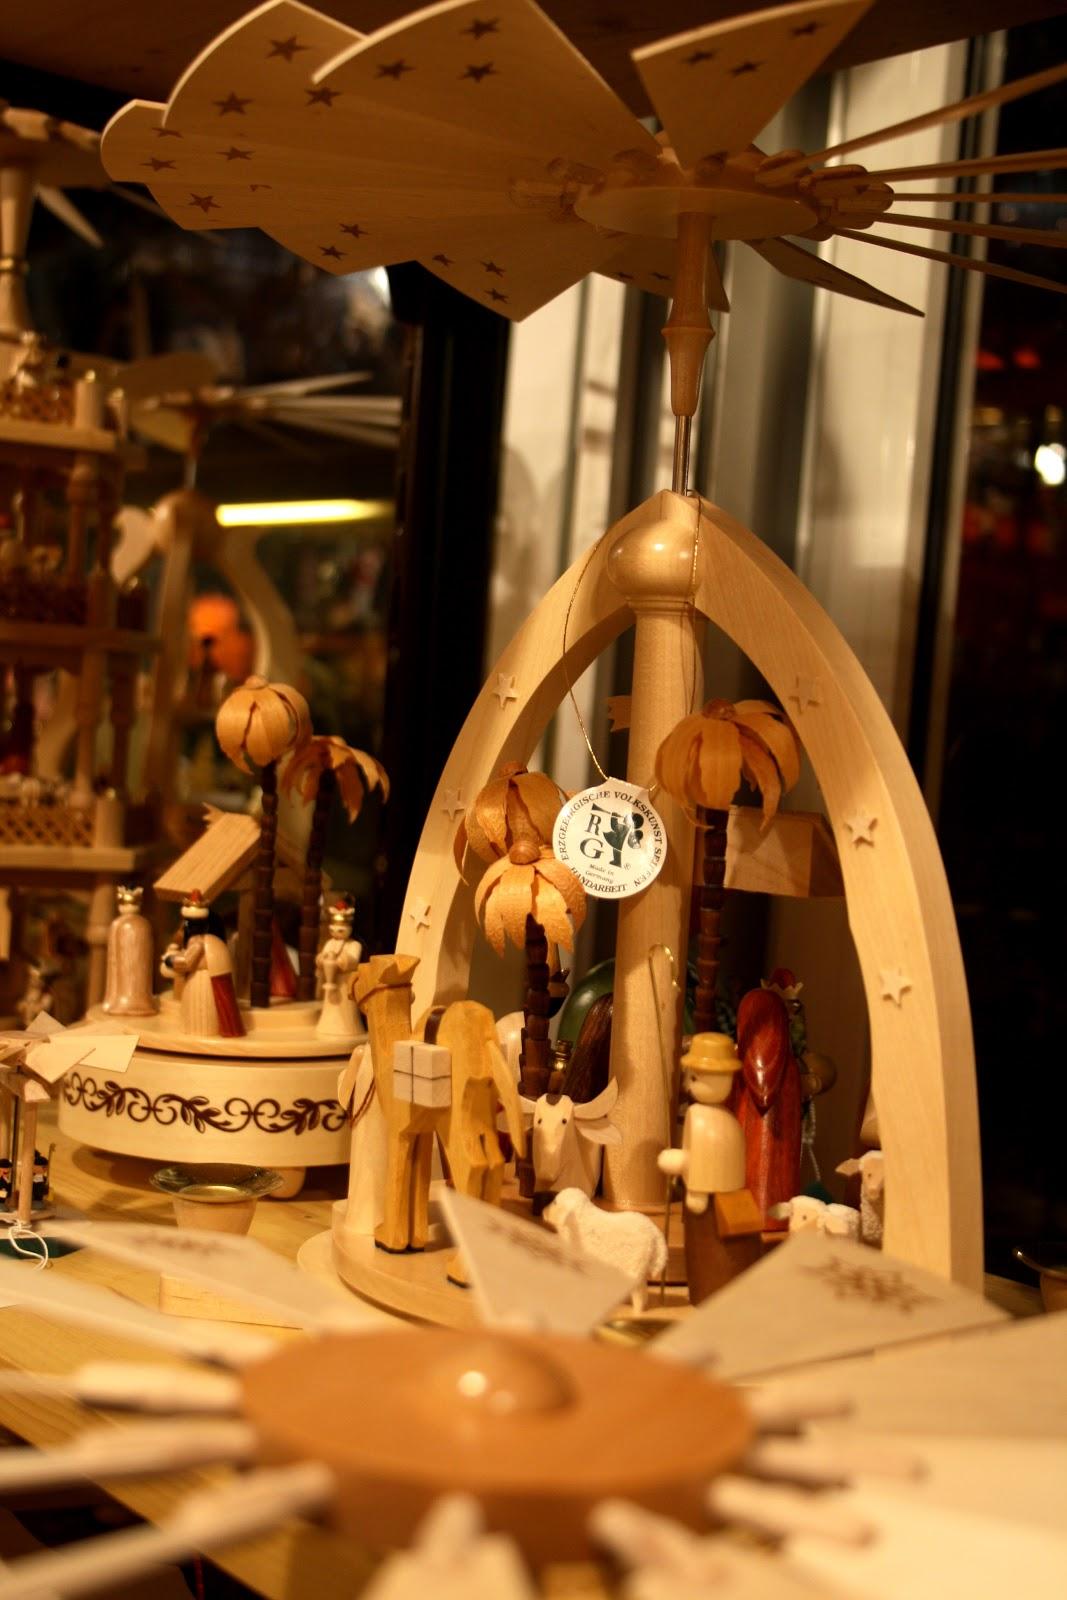 Décoration de noël au marché de noël de Gendarmenmarkt